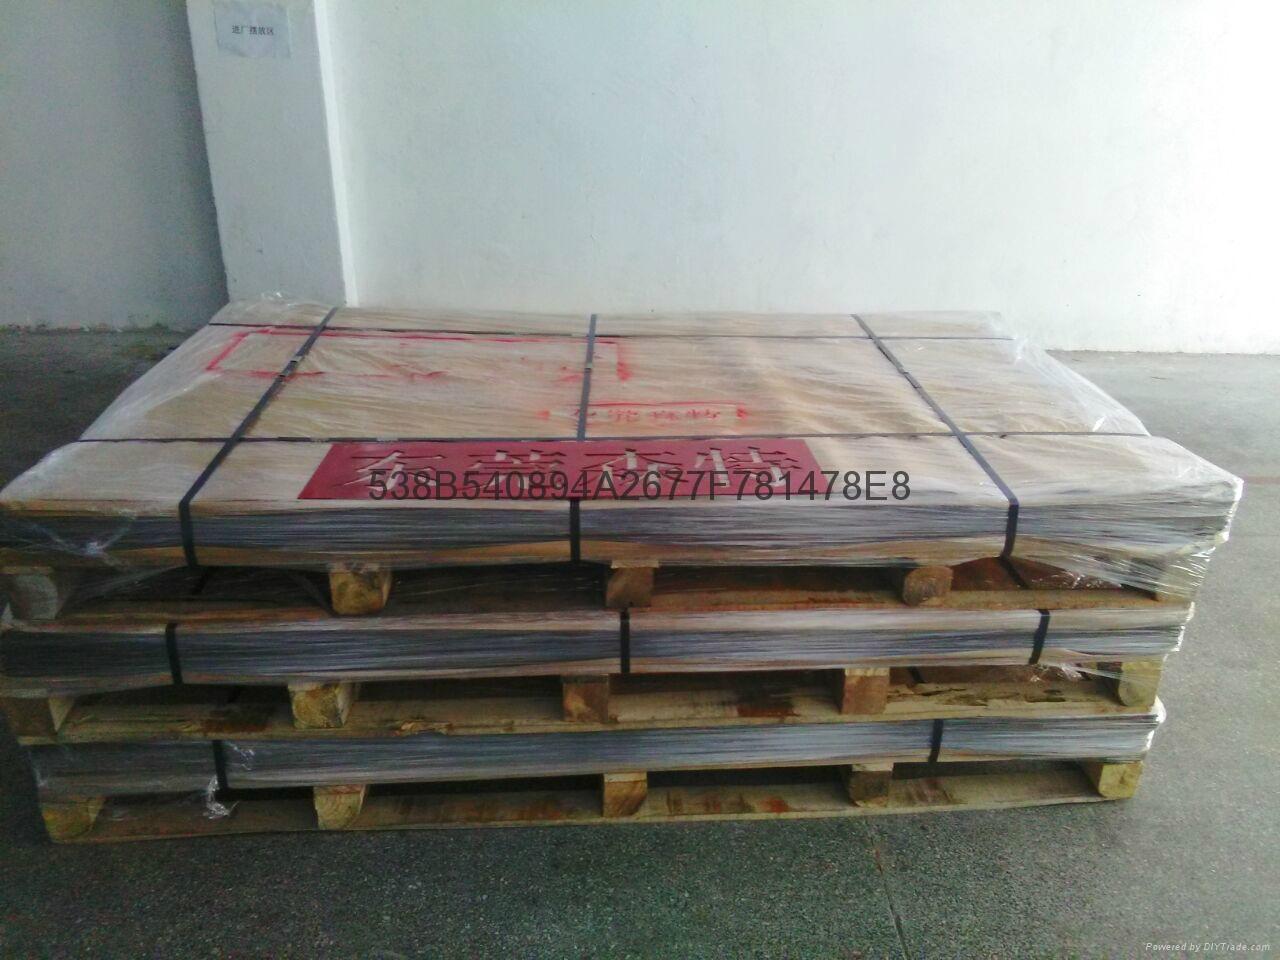 分隔钢板翻磨钢板研磨维修压合钢板 1